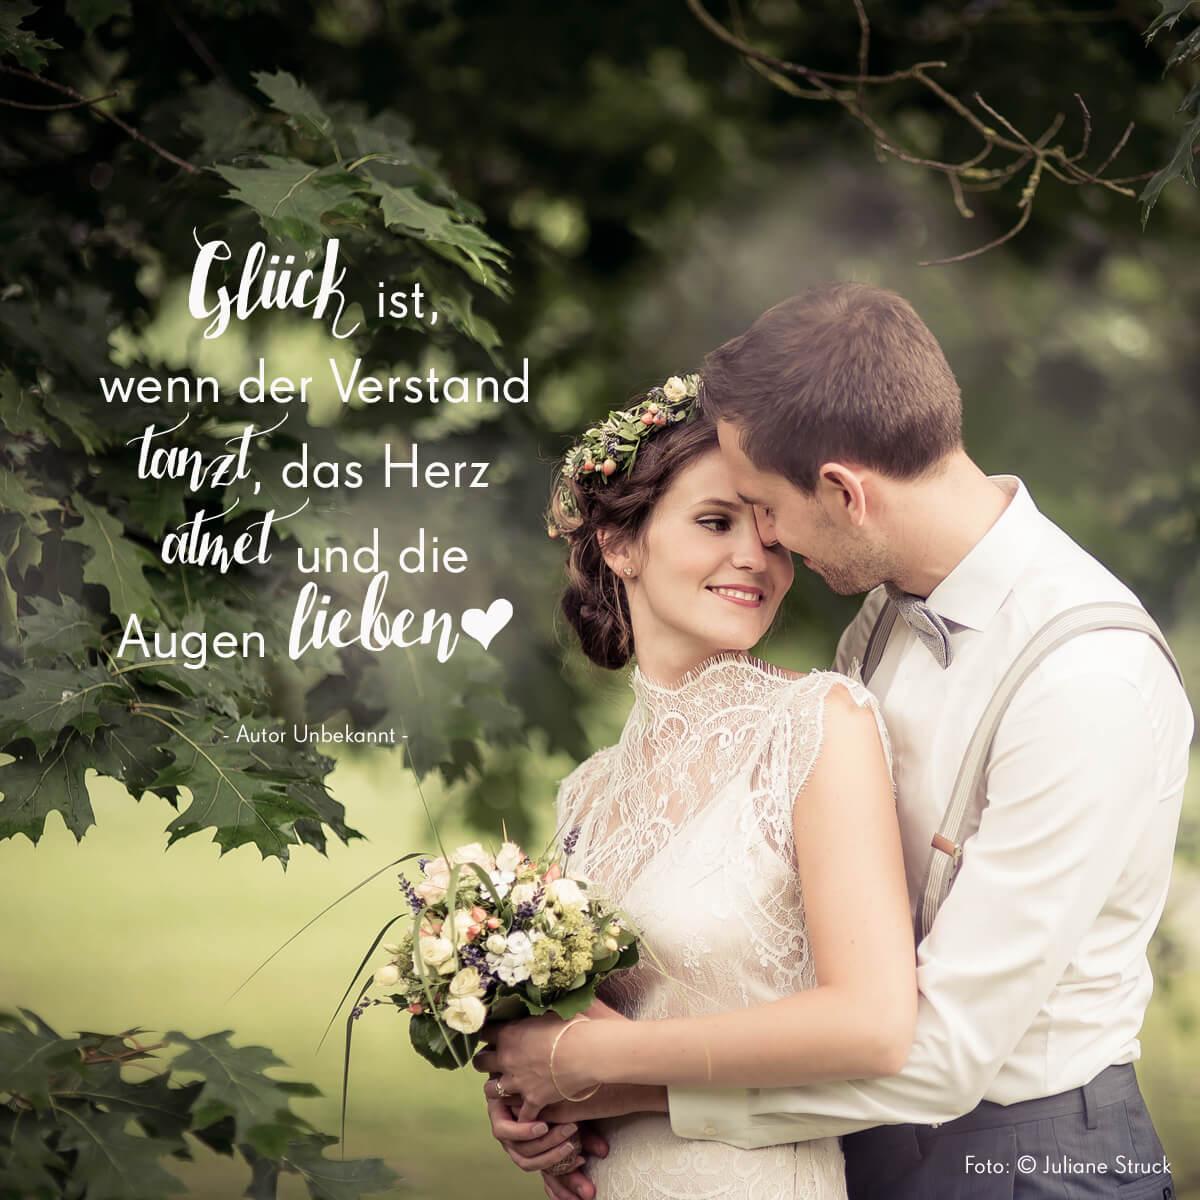 Hochzeitssprüche - Zitate und Sprüche zur Hochzeit - weddix